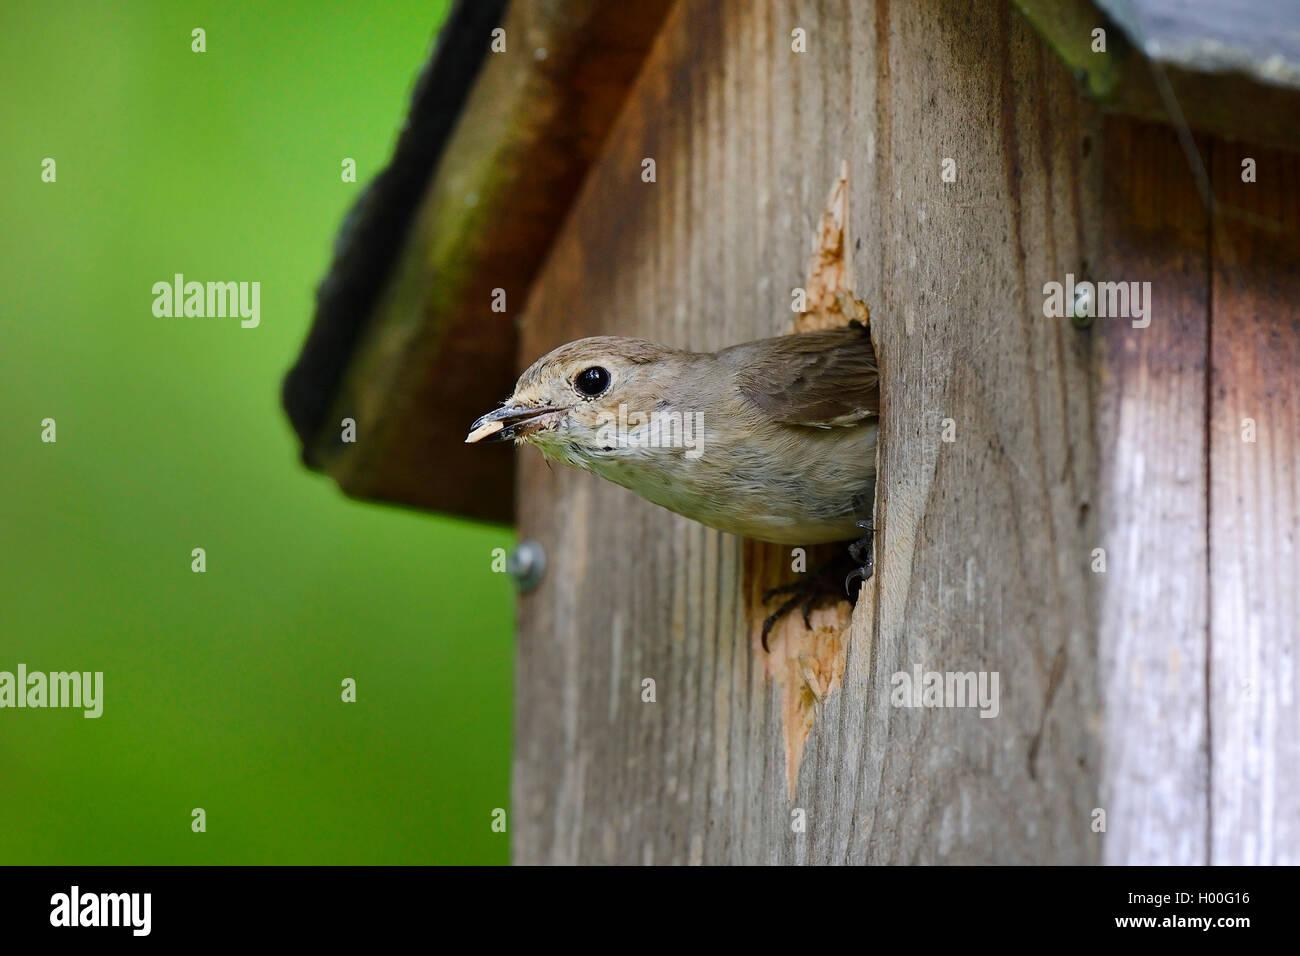 Trauerschnaepper, Trauer-Schnaepper, Trauerfliegenschnaepper, Trauer-Fliegenschnaepper (Ficedula hypoleuca), raeumt Immagini Stock